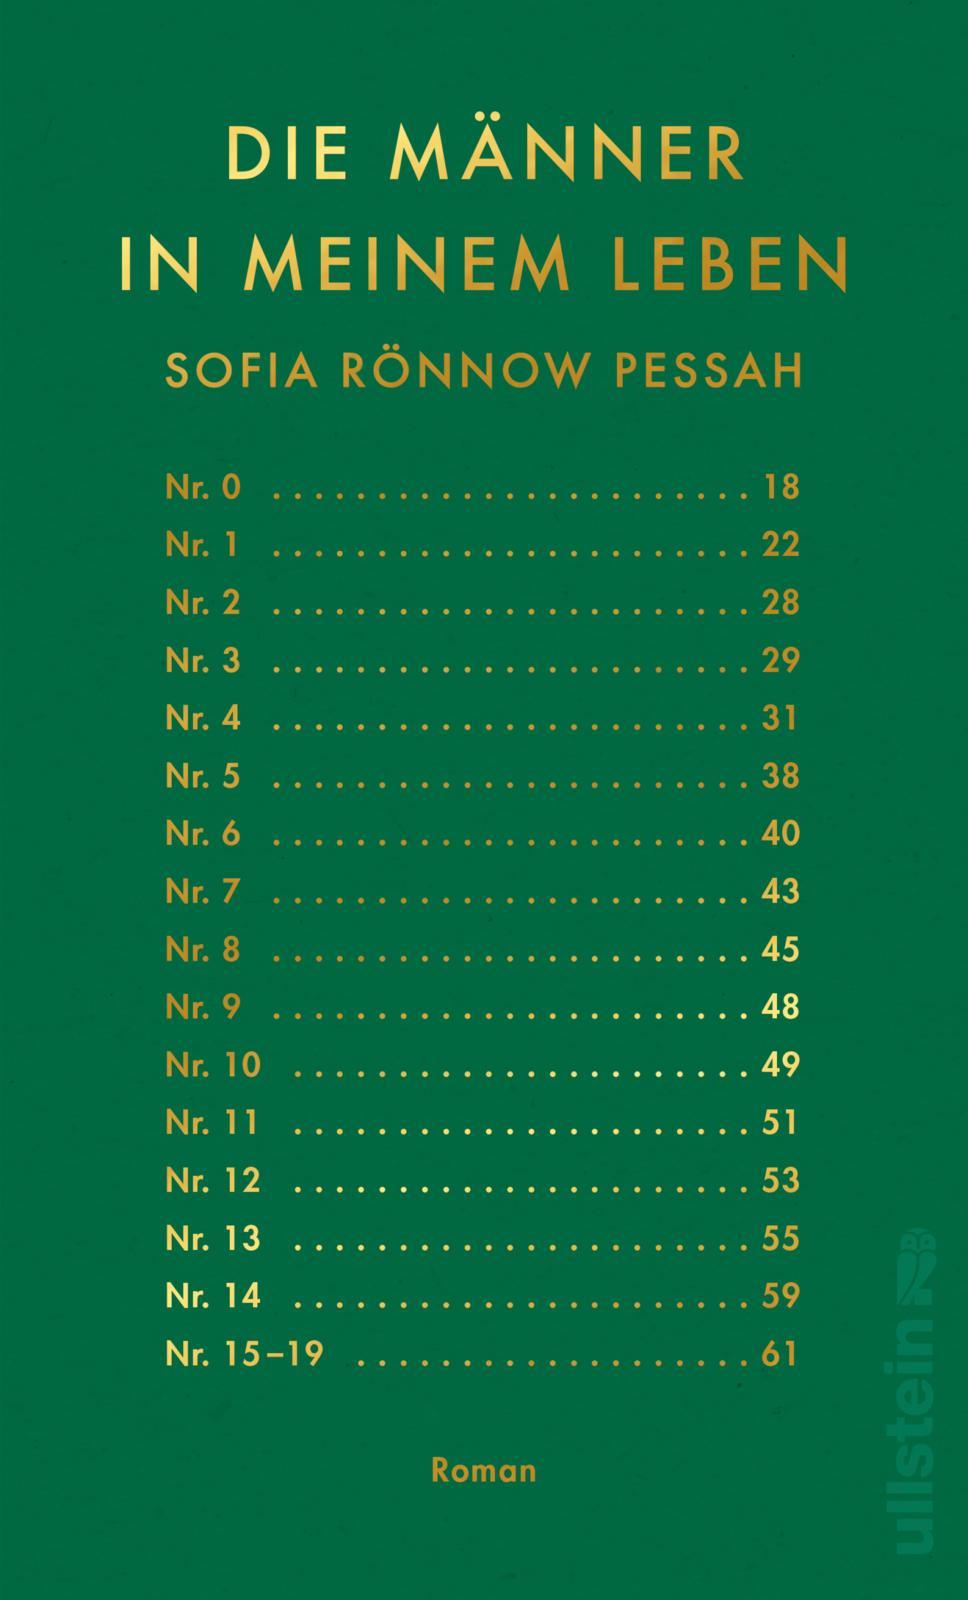 Rönnow_Pessah_Männer